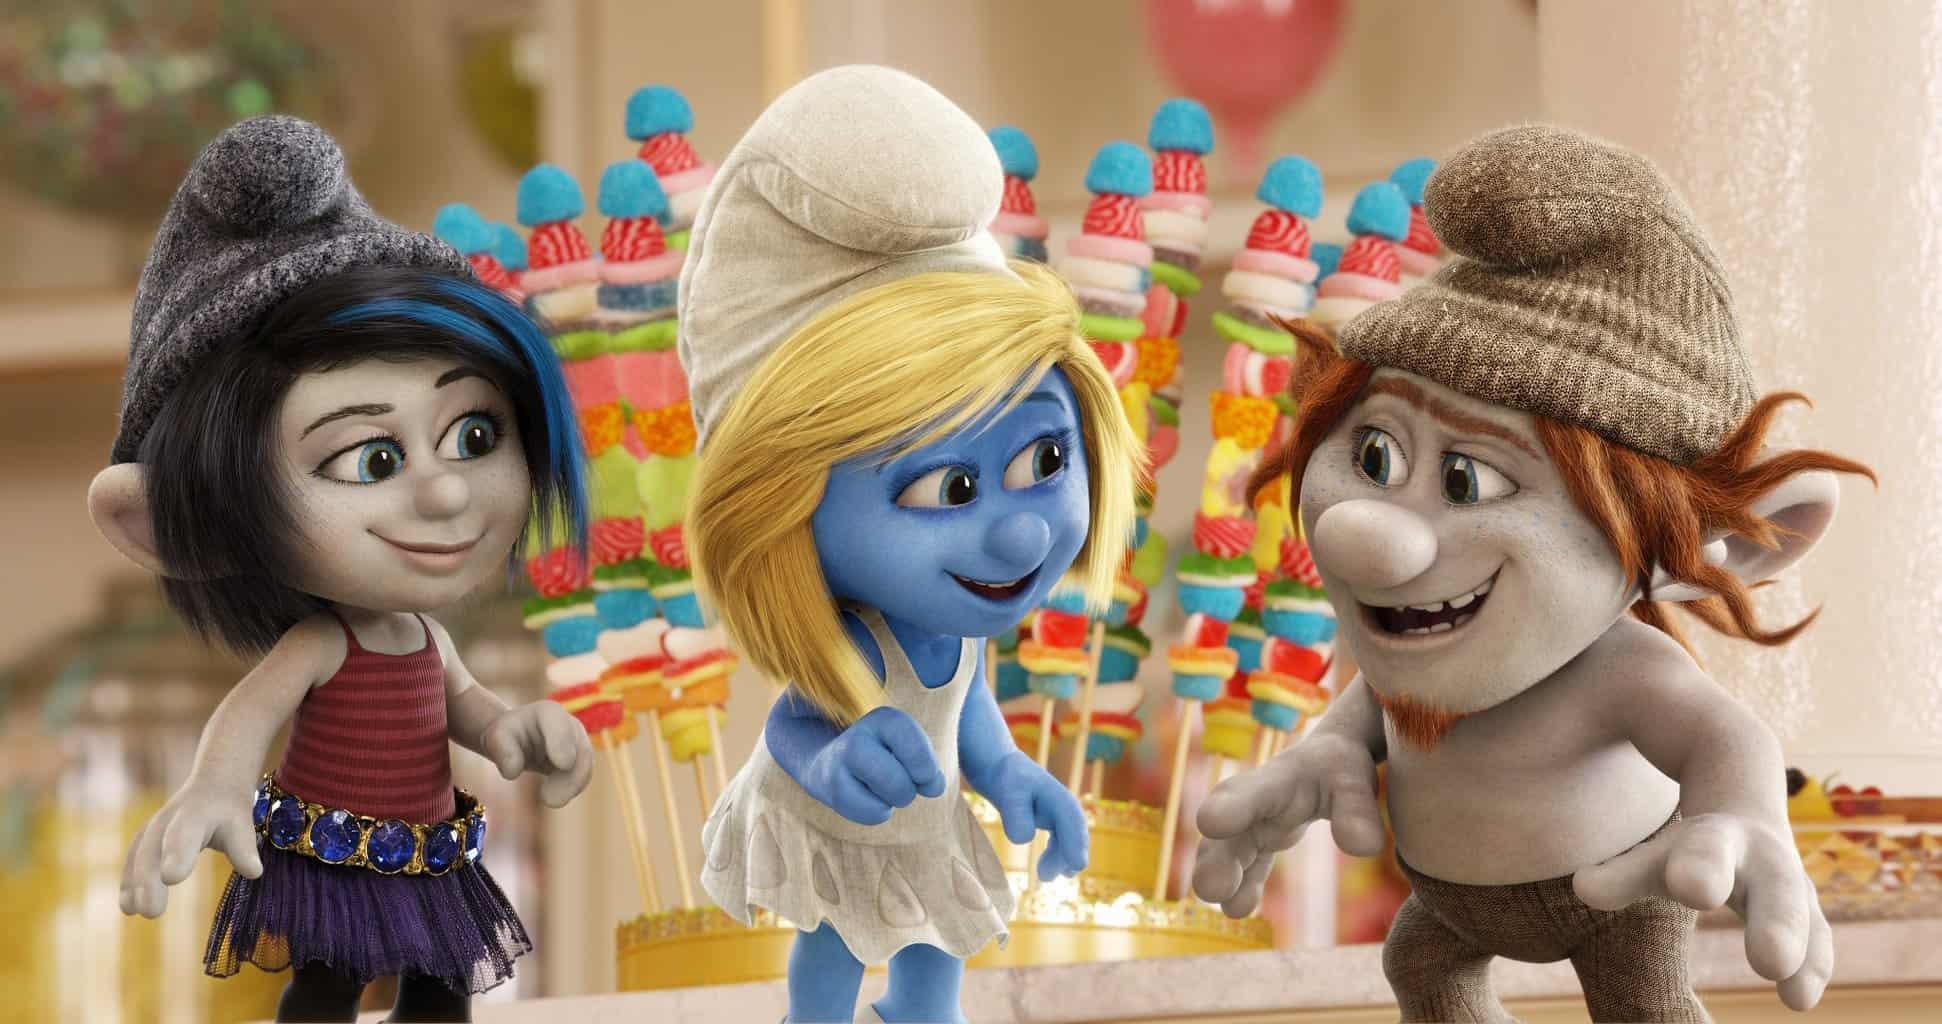 Britney Spears sing Ooh La La from Smurfs